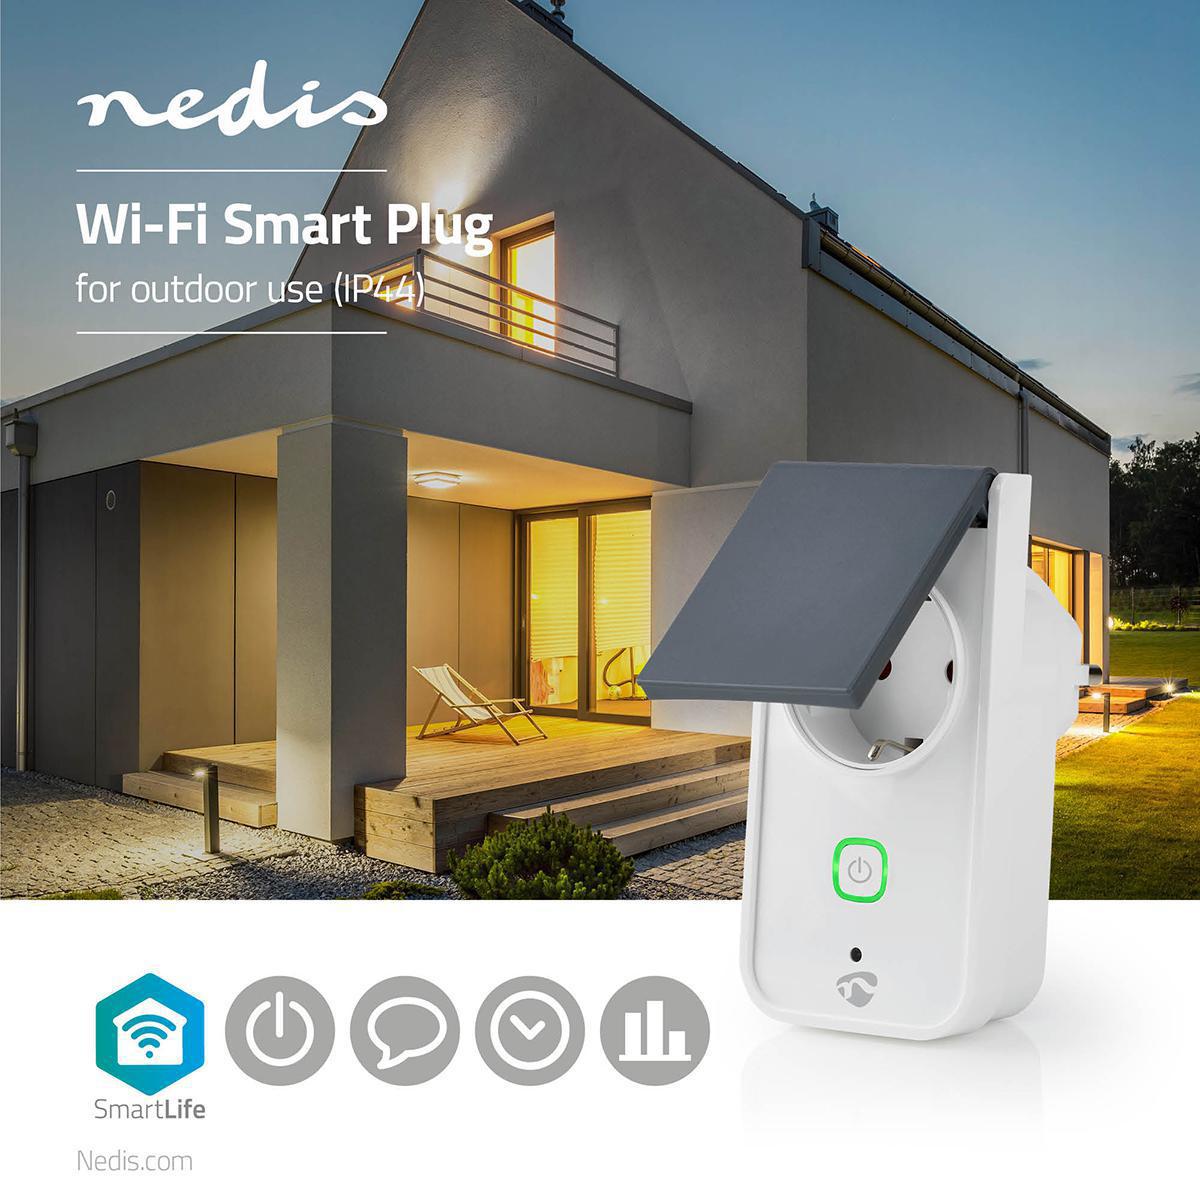 Slimme stekker voor buiten Wi-Fi IP44 spatwaterdicht - sfeerfoto